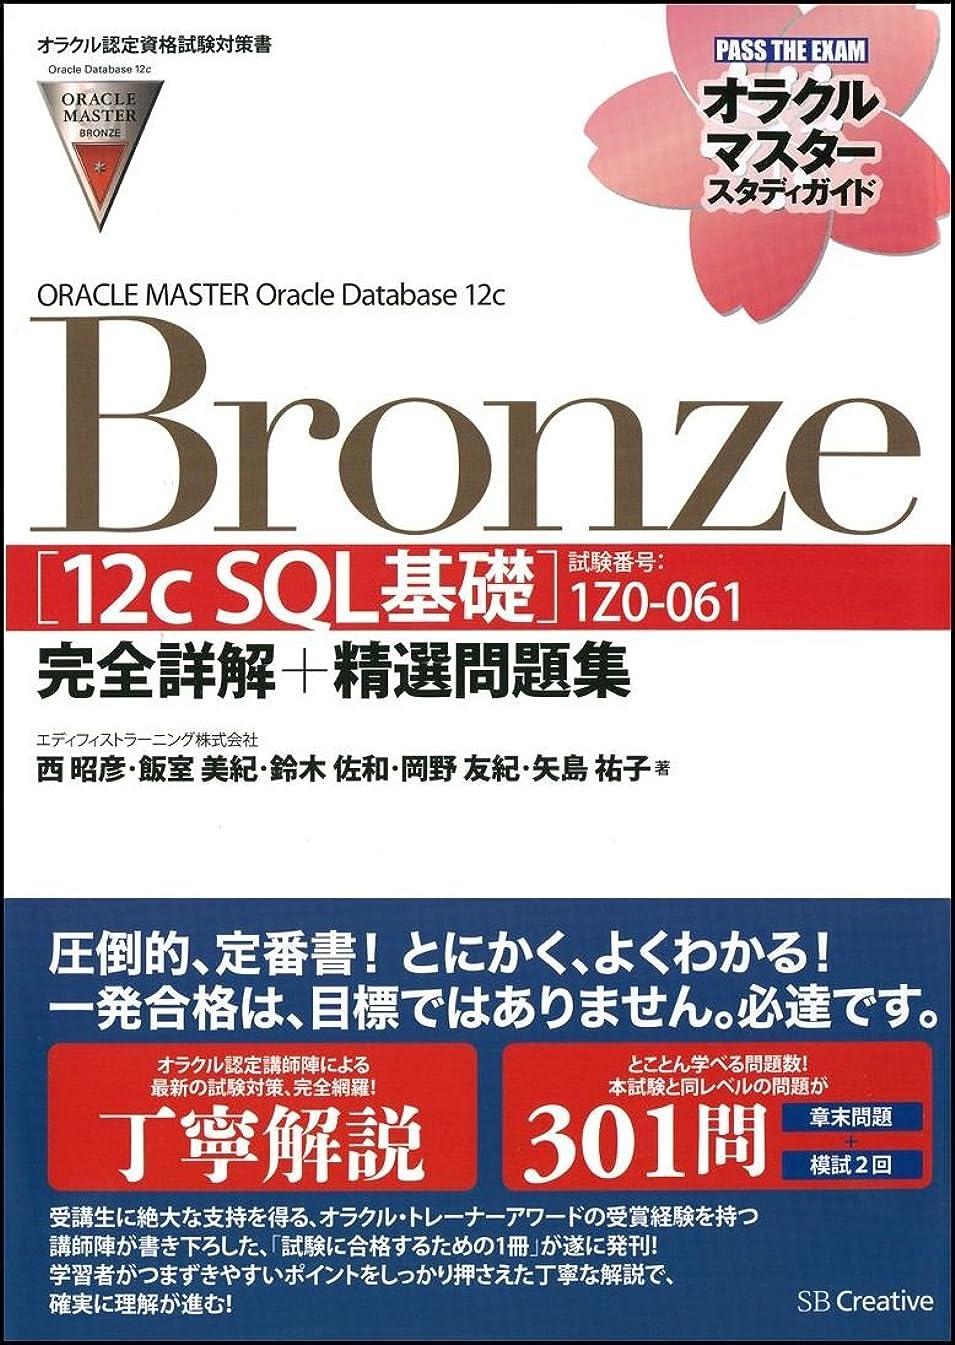 ファランクスフック書誌【オラクル認定資格試験対策書】ORACLE MASTER Bronze[12c SQL基礎](試験番号:1Z0-061)完全詳解+精選問題集(オラクルマスタースタディガイド)